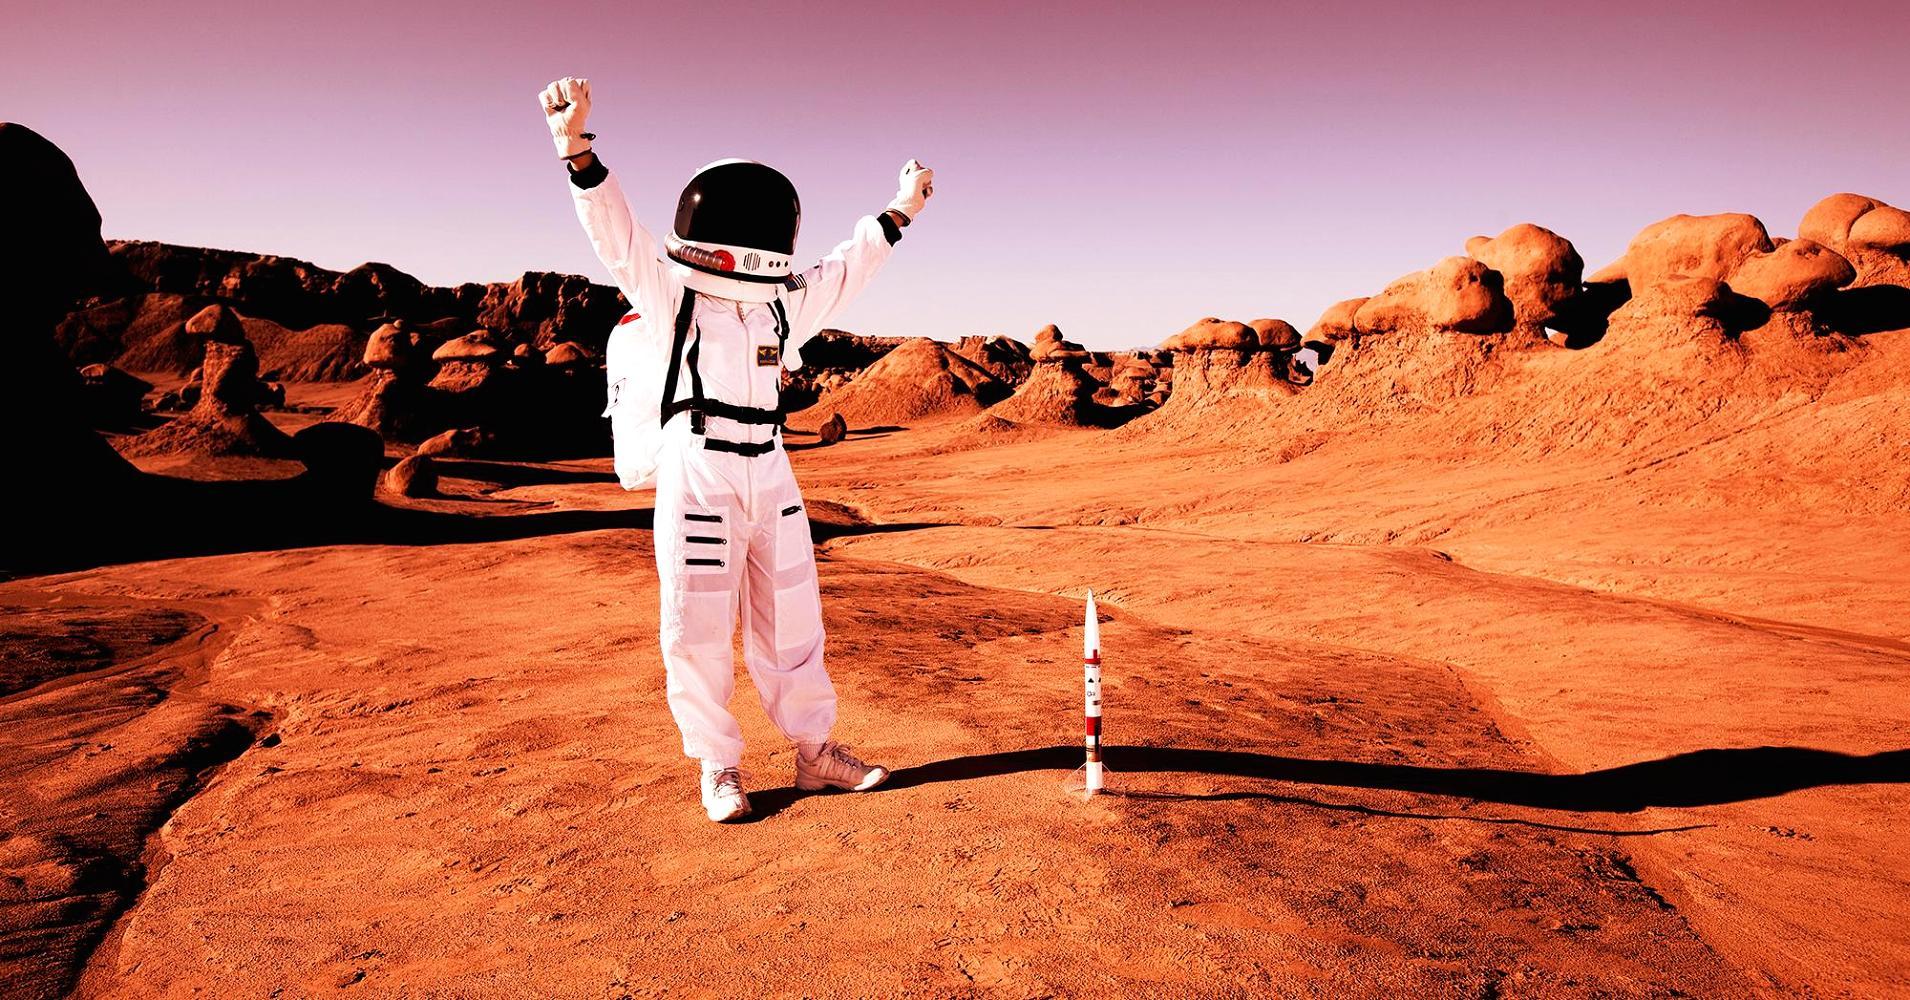 Mars 2117 in VR